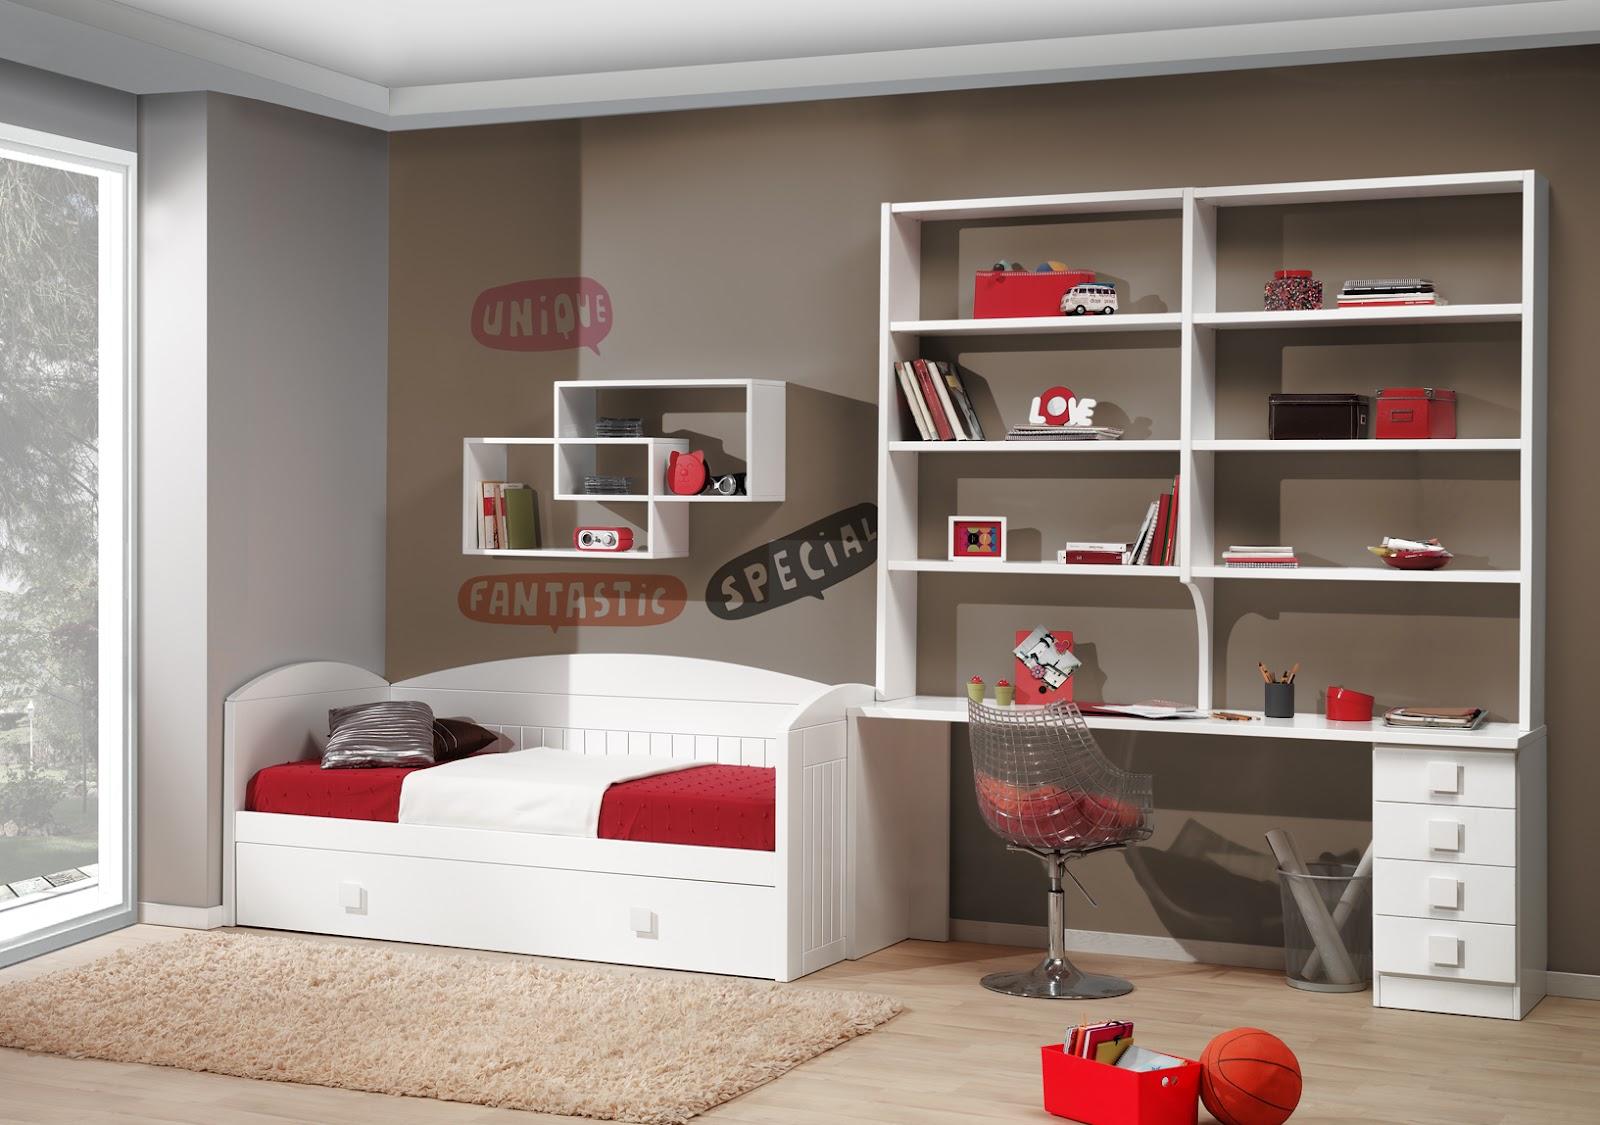 Dormitorio lacado blanco con cama nido - Dormitorios modulares juveniles ...